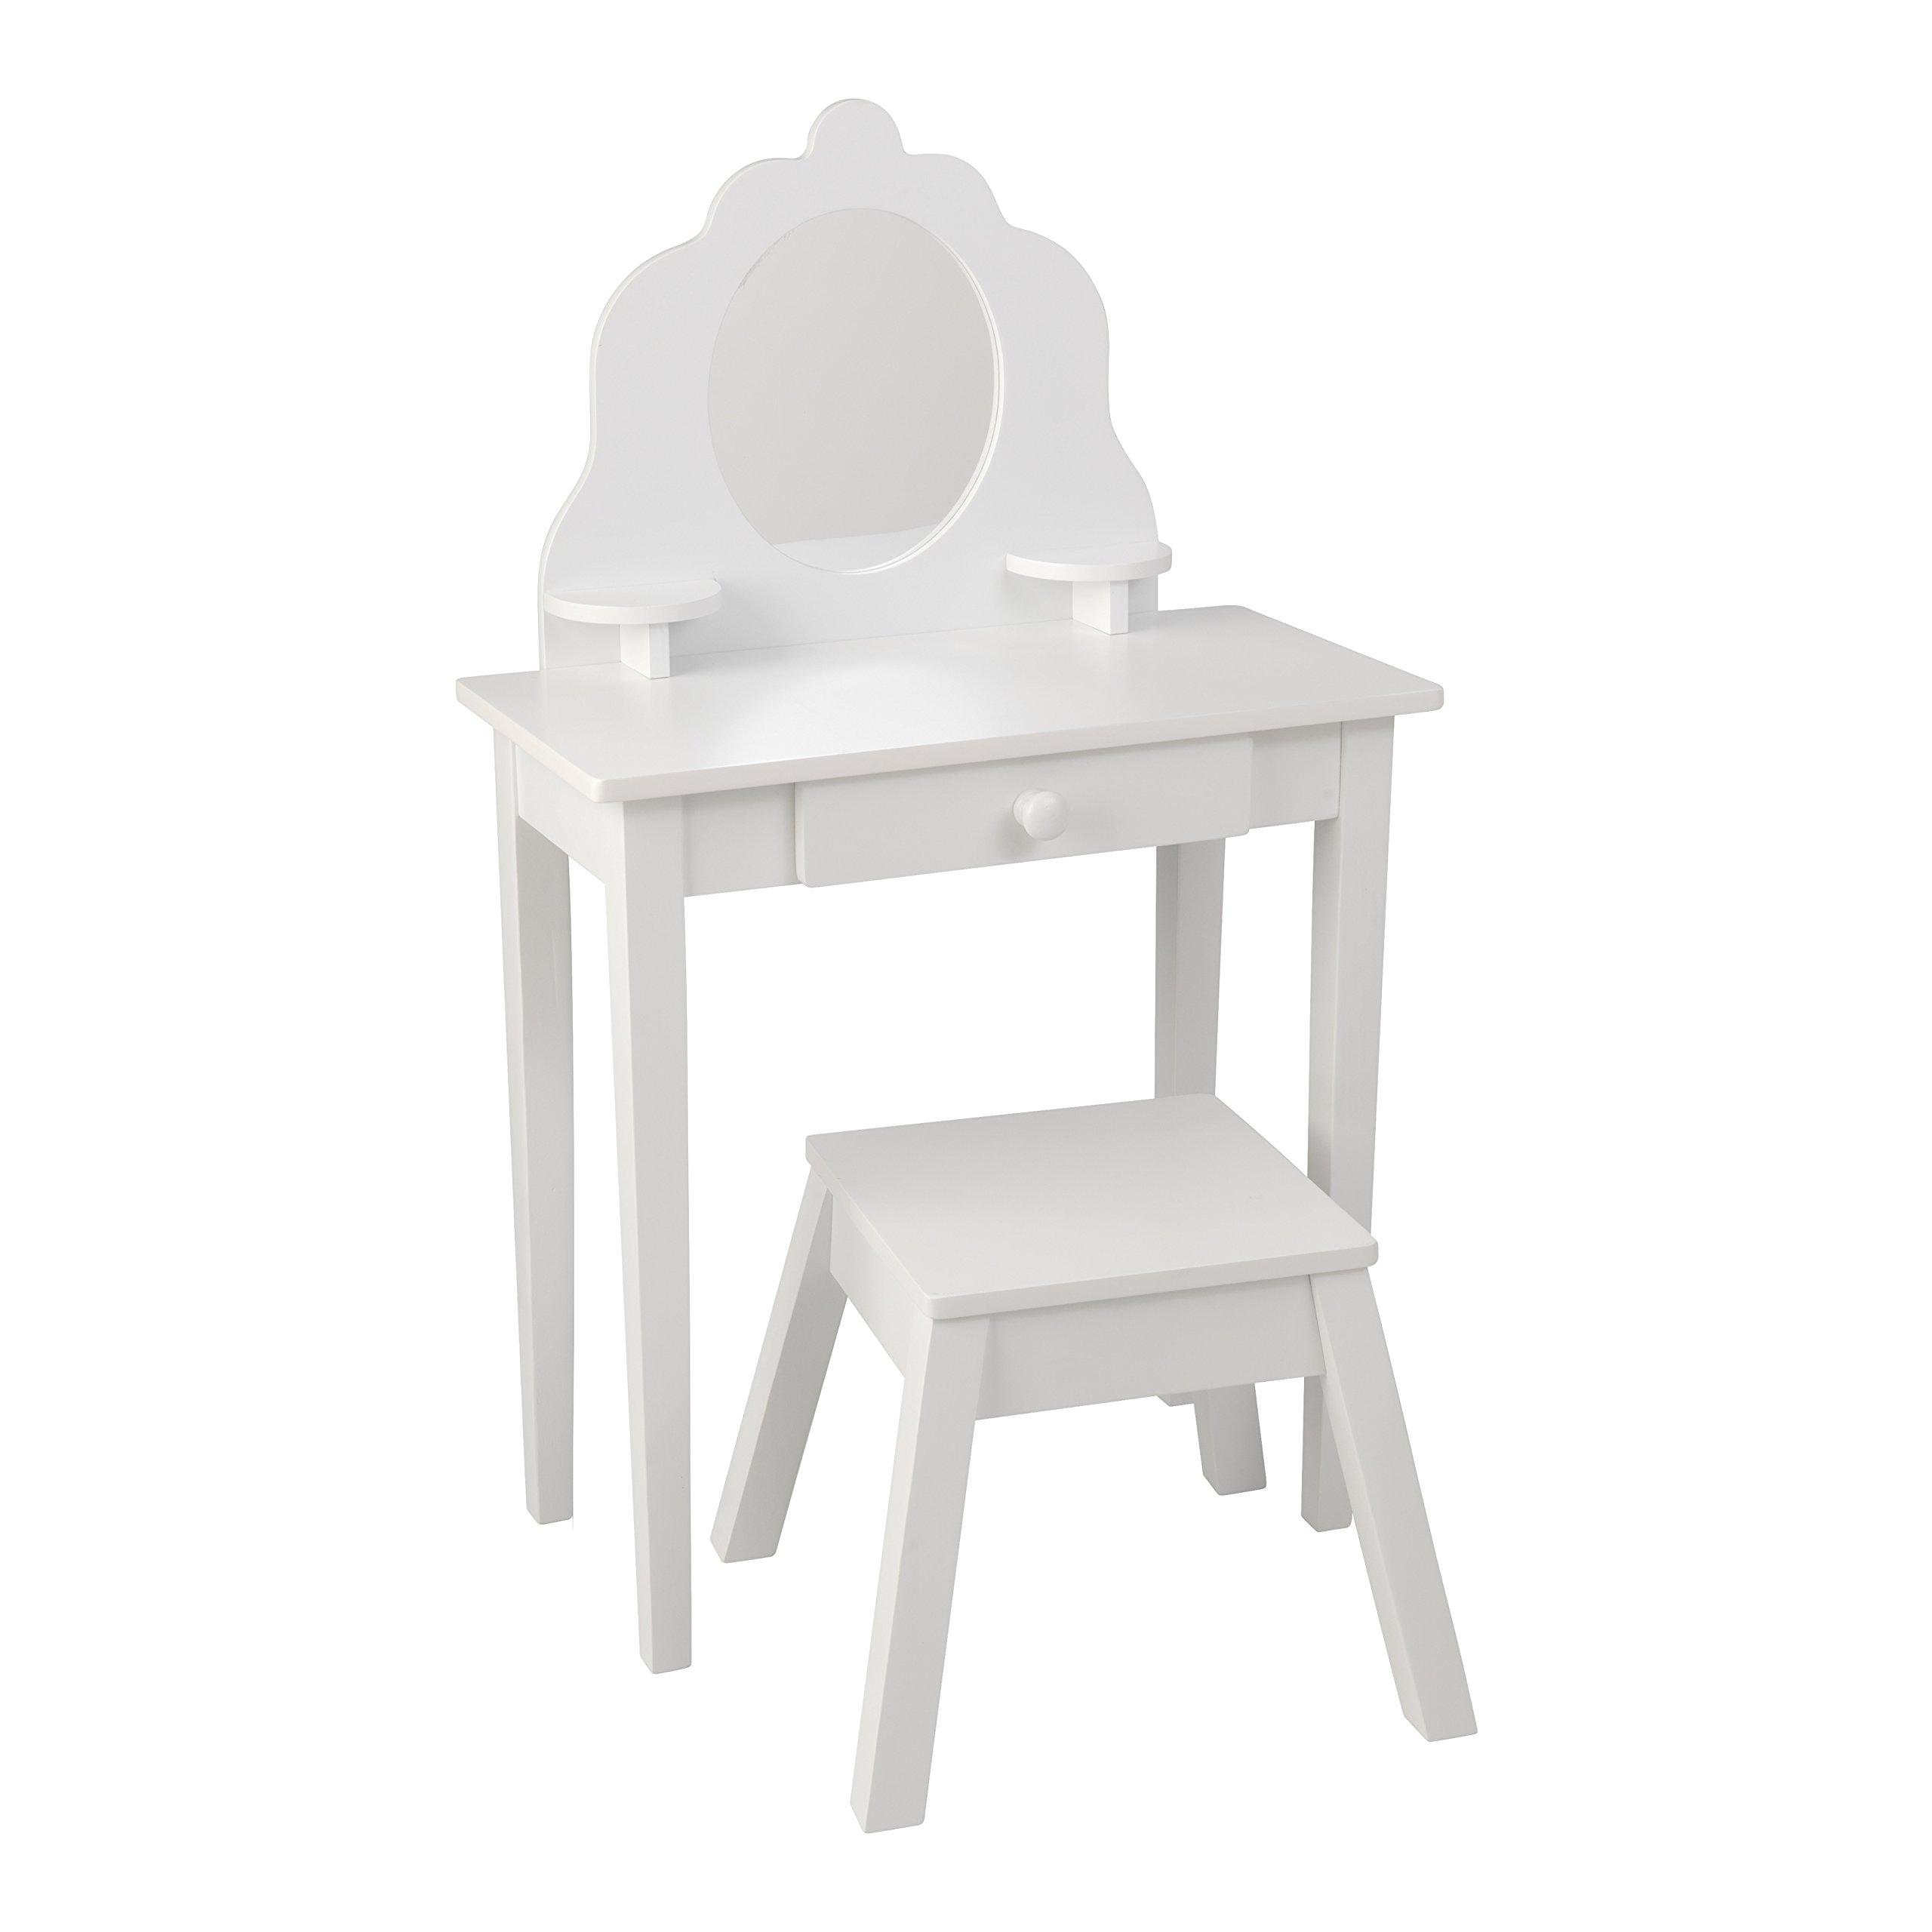 KidKraft Medium Diva Table & Stool